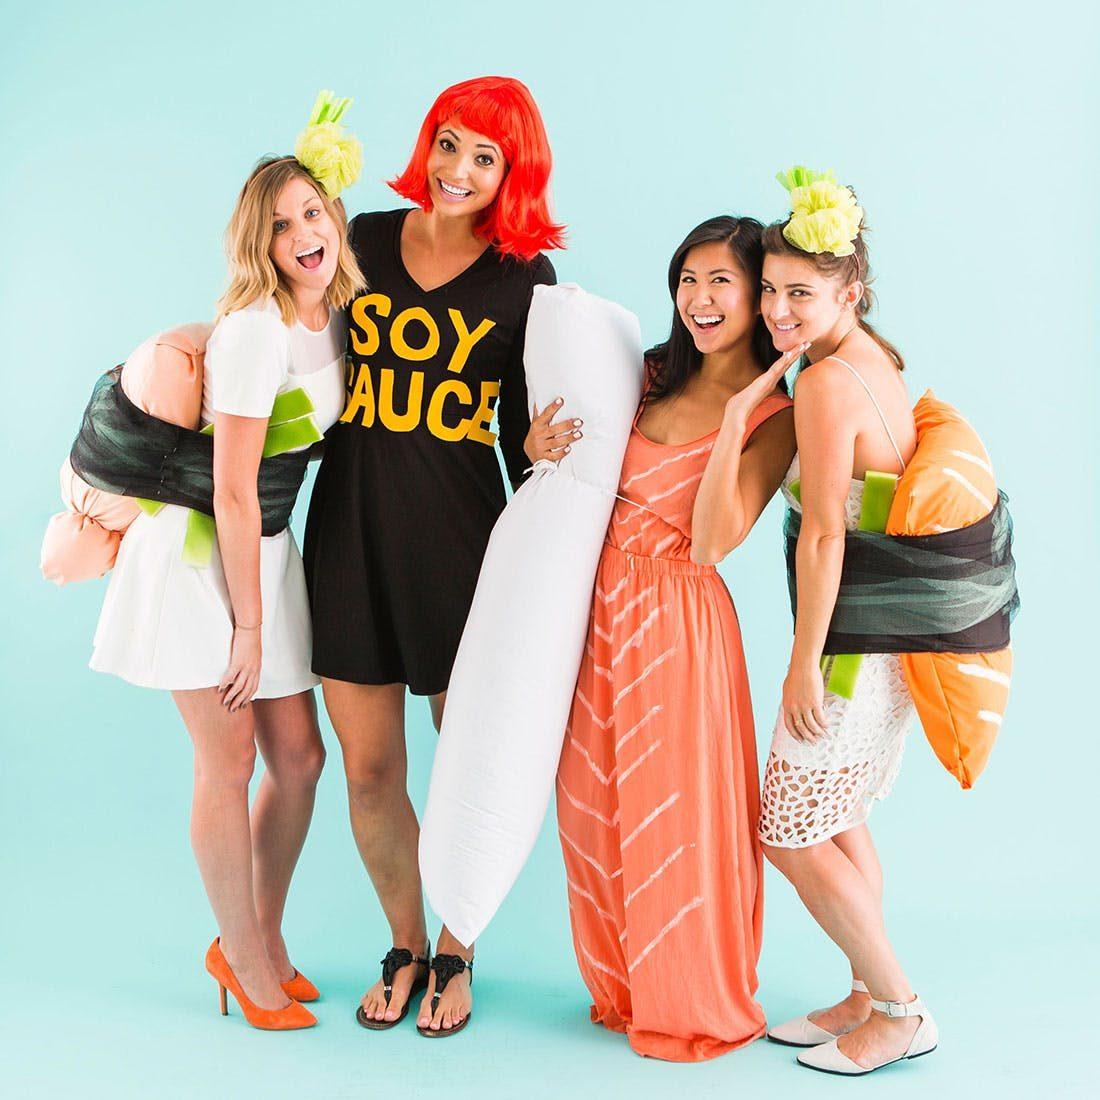 Ces costumes conviennent aux vrais fans de sushis.